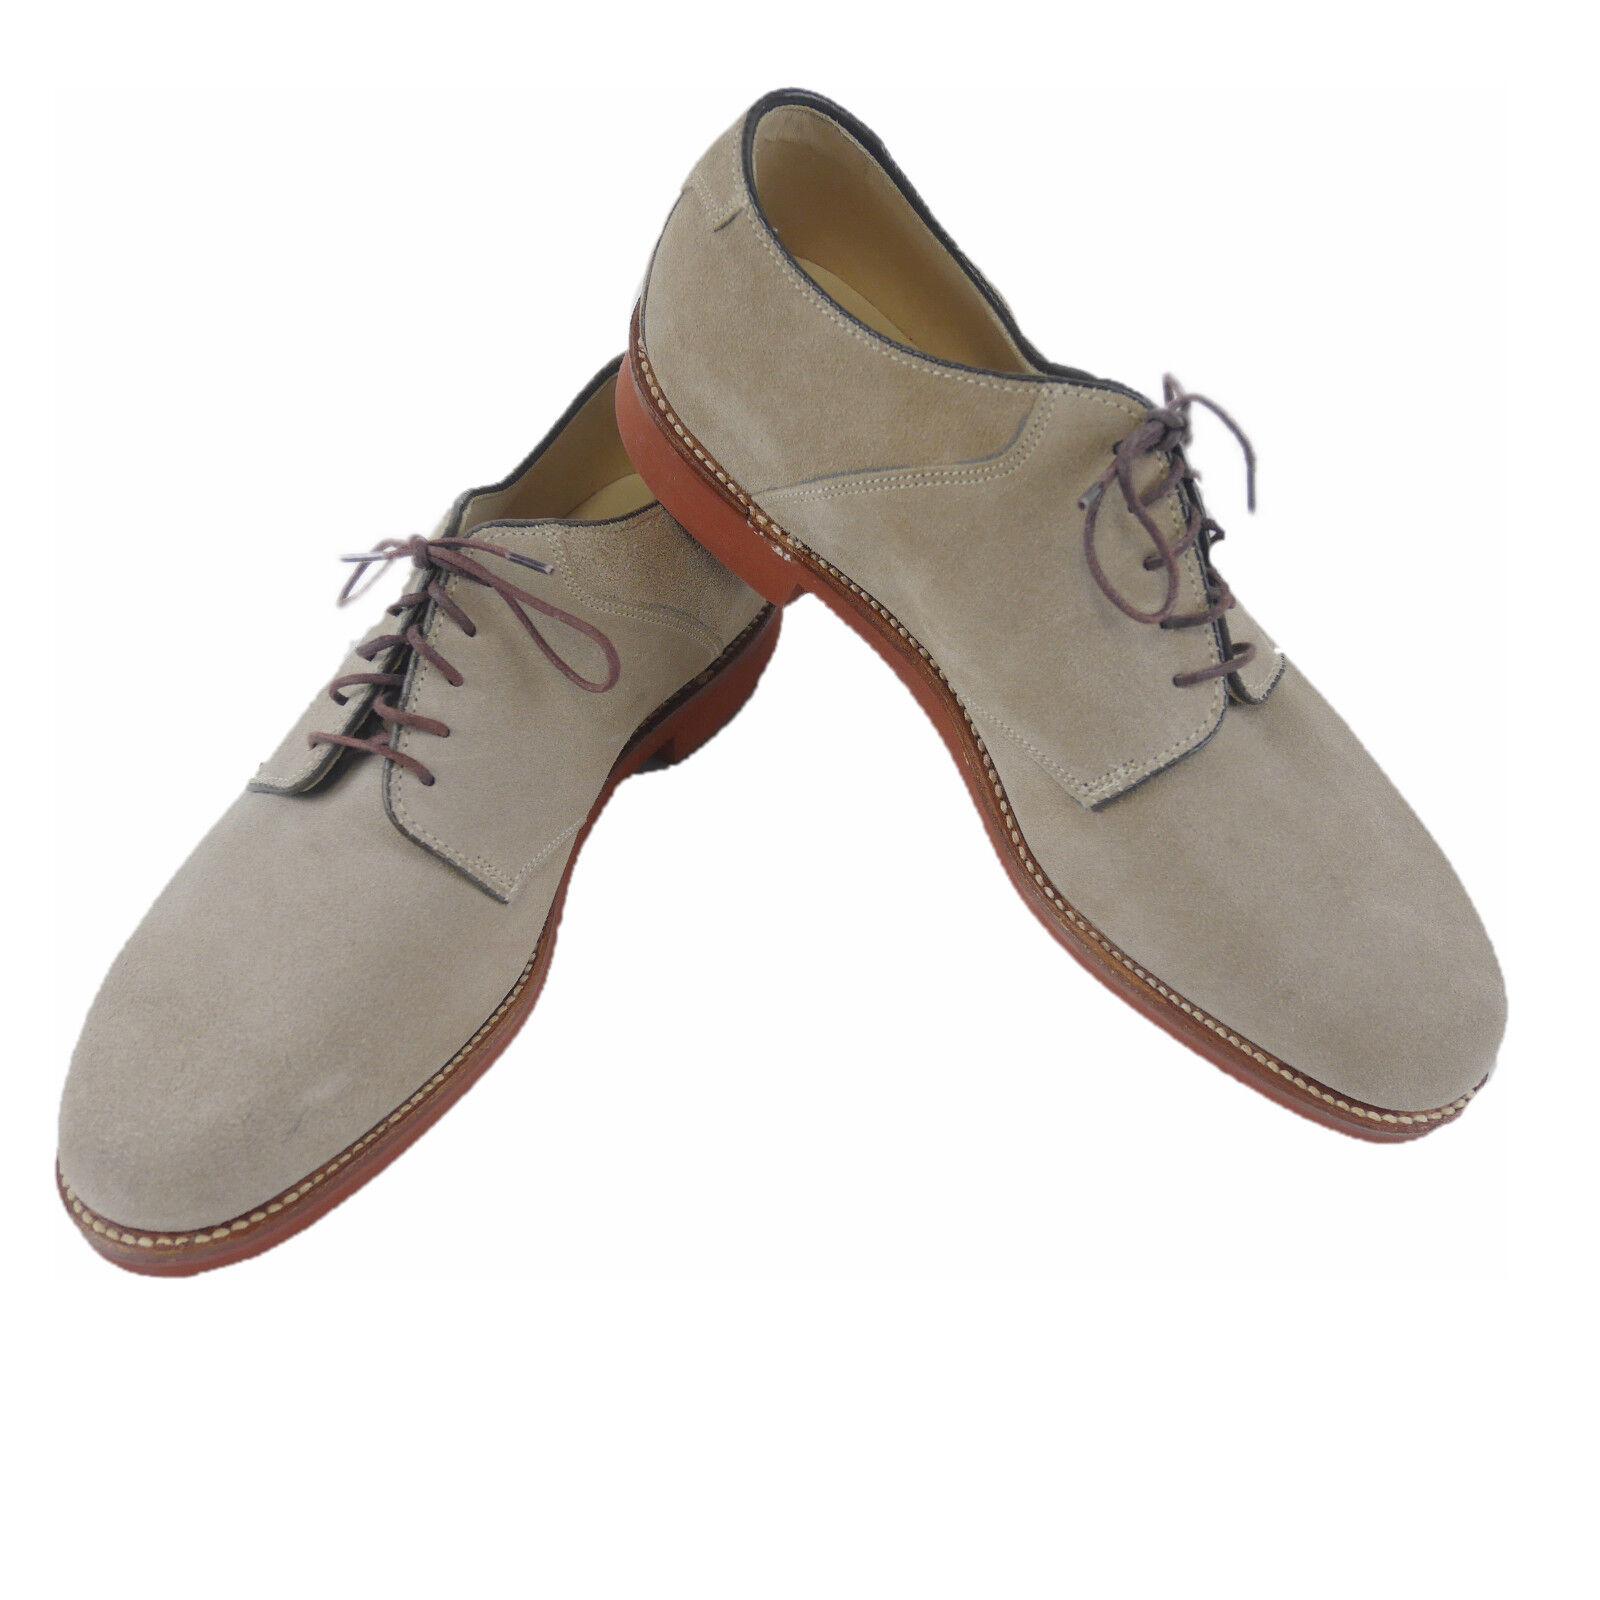 Alden Men's shoes Velour Beige Us Sizes (Previously